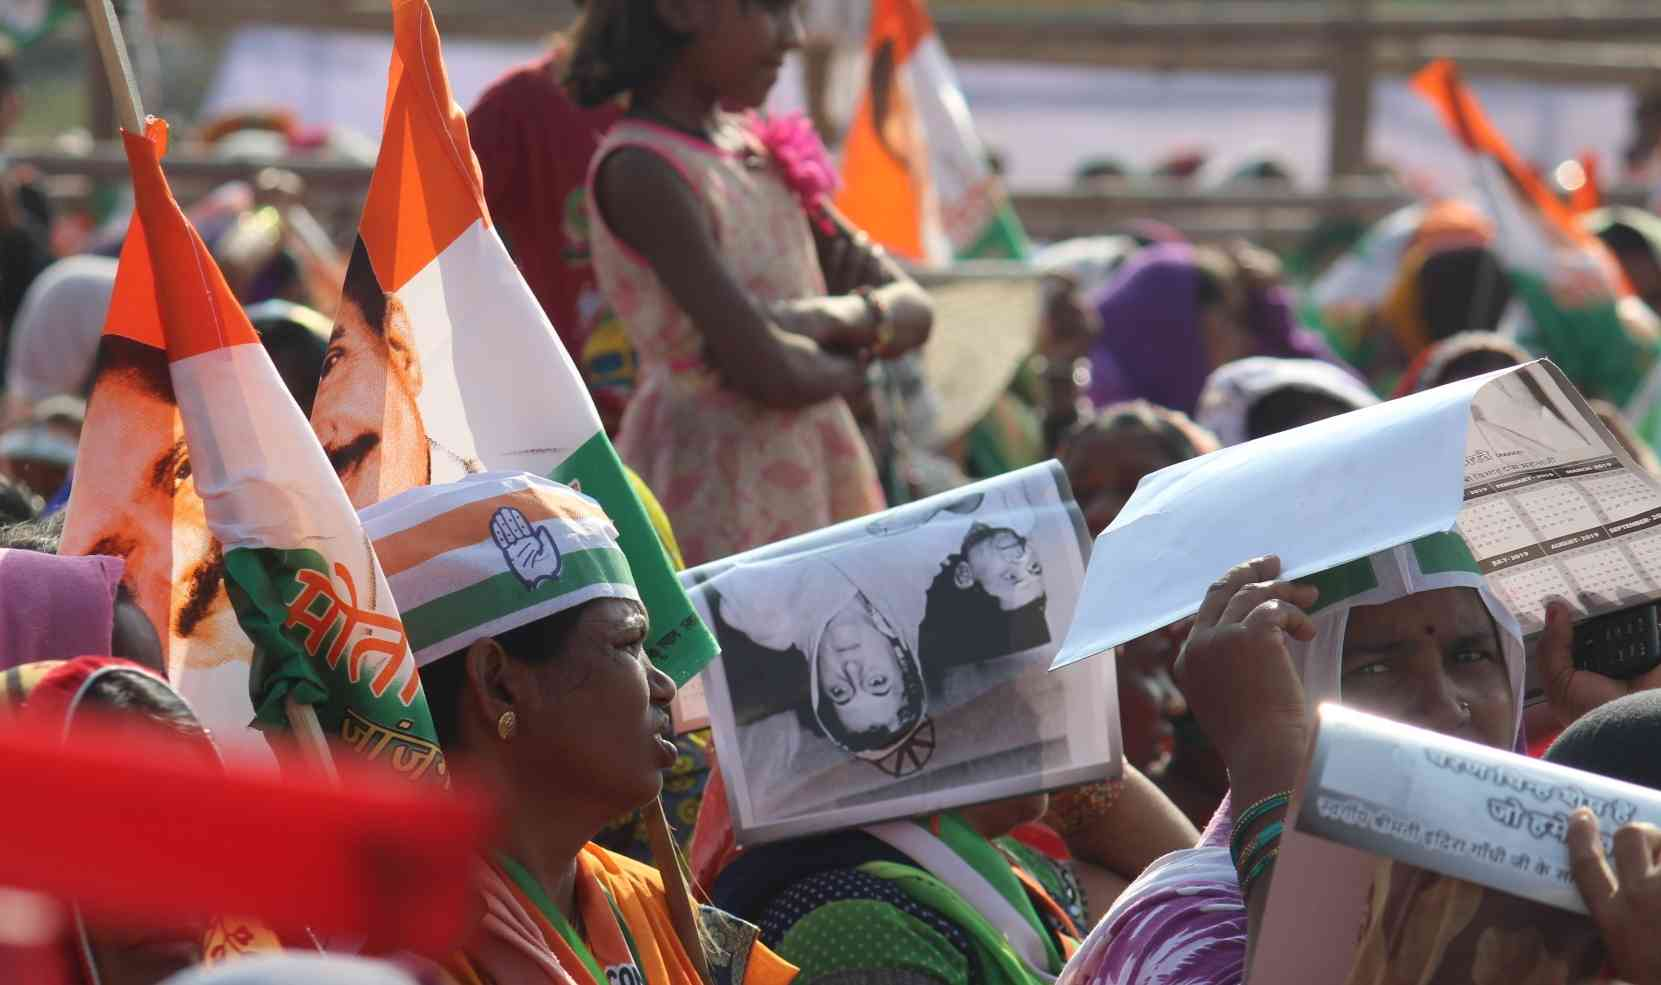 इंदिरा गांधी की फोटो के सहारे कड़ी धूप बचने की कोशिश